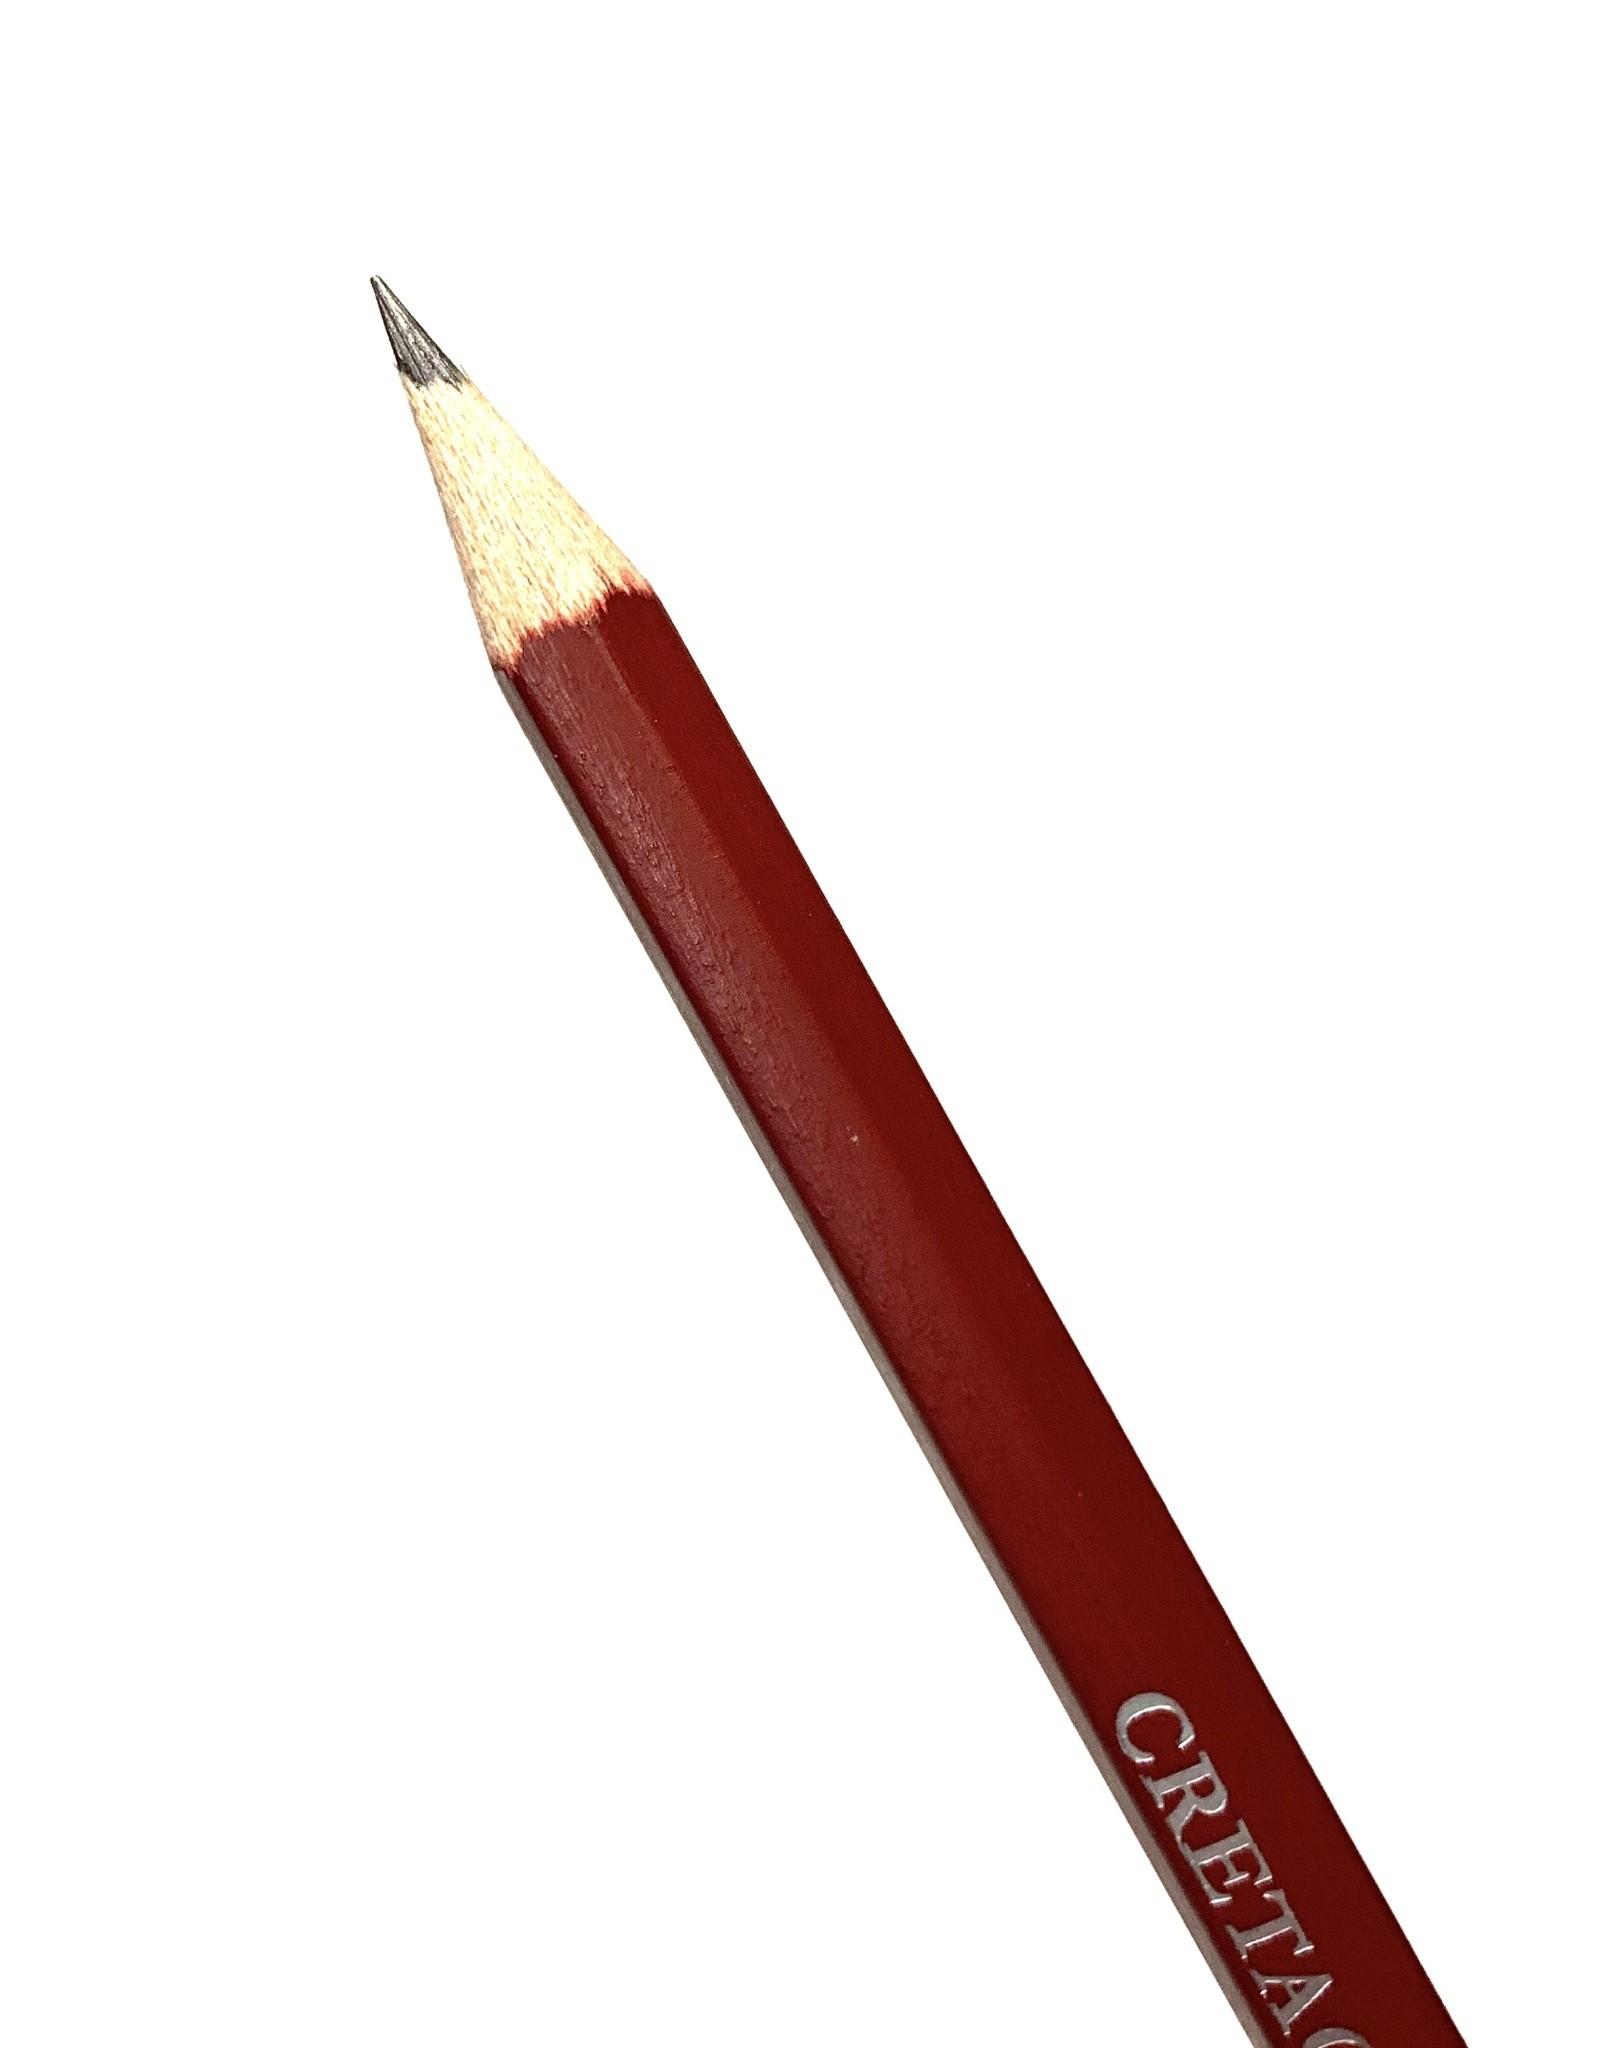 Cretacolor Graphite Pencil, 2B